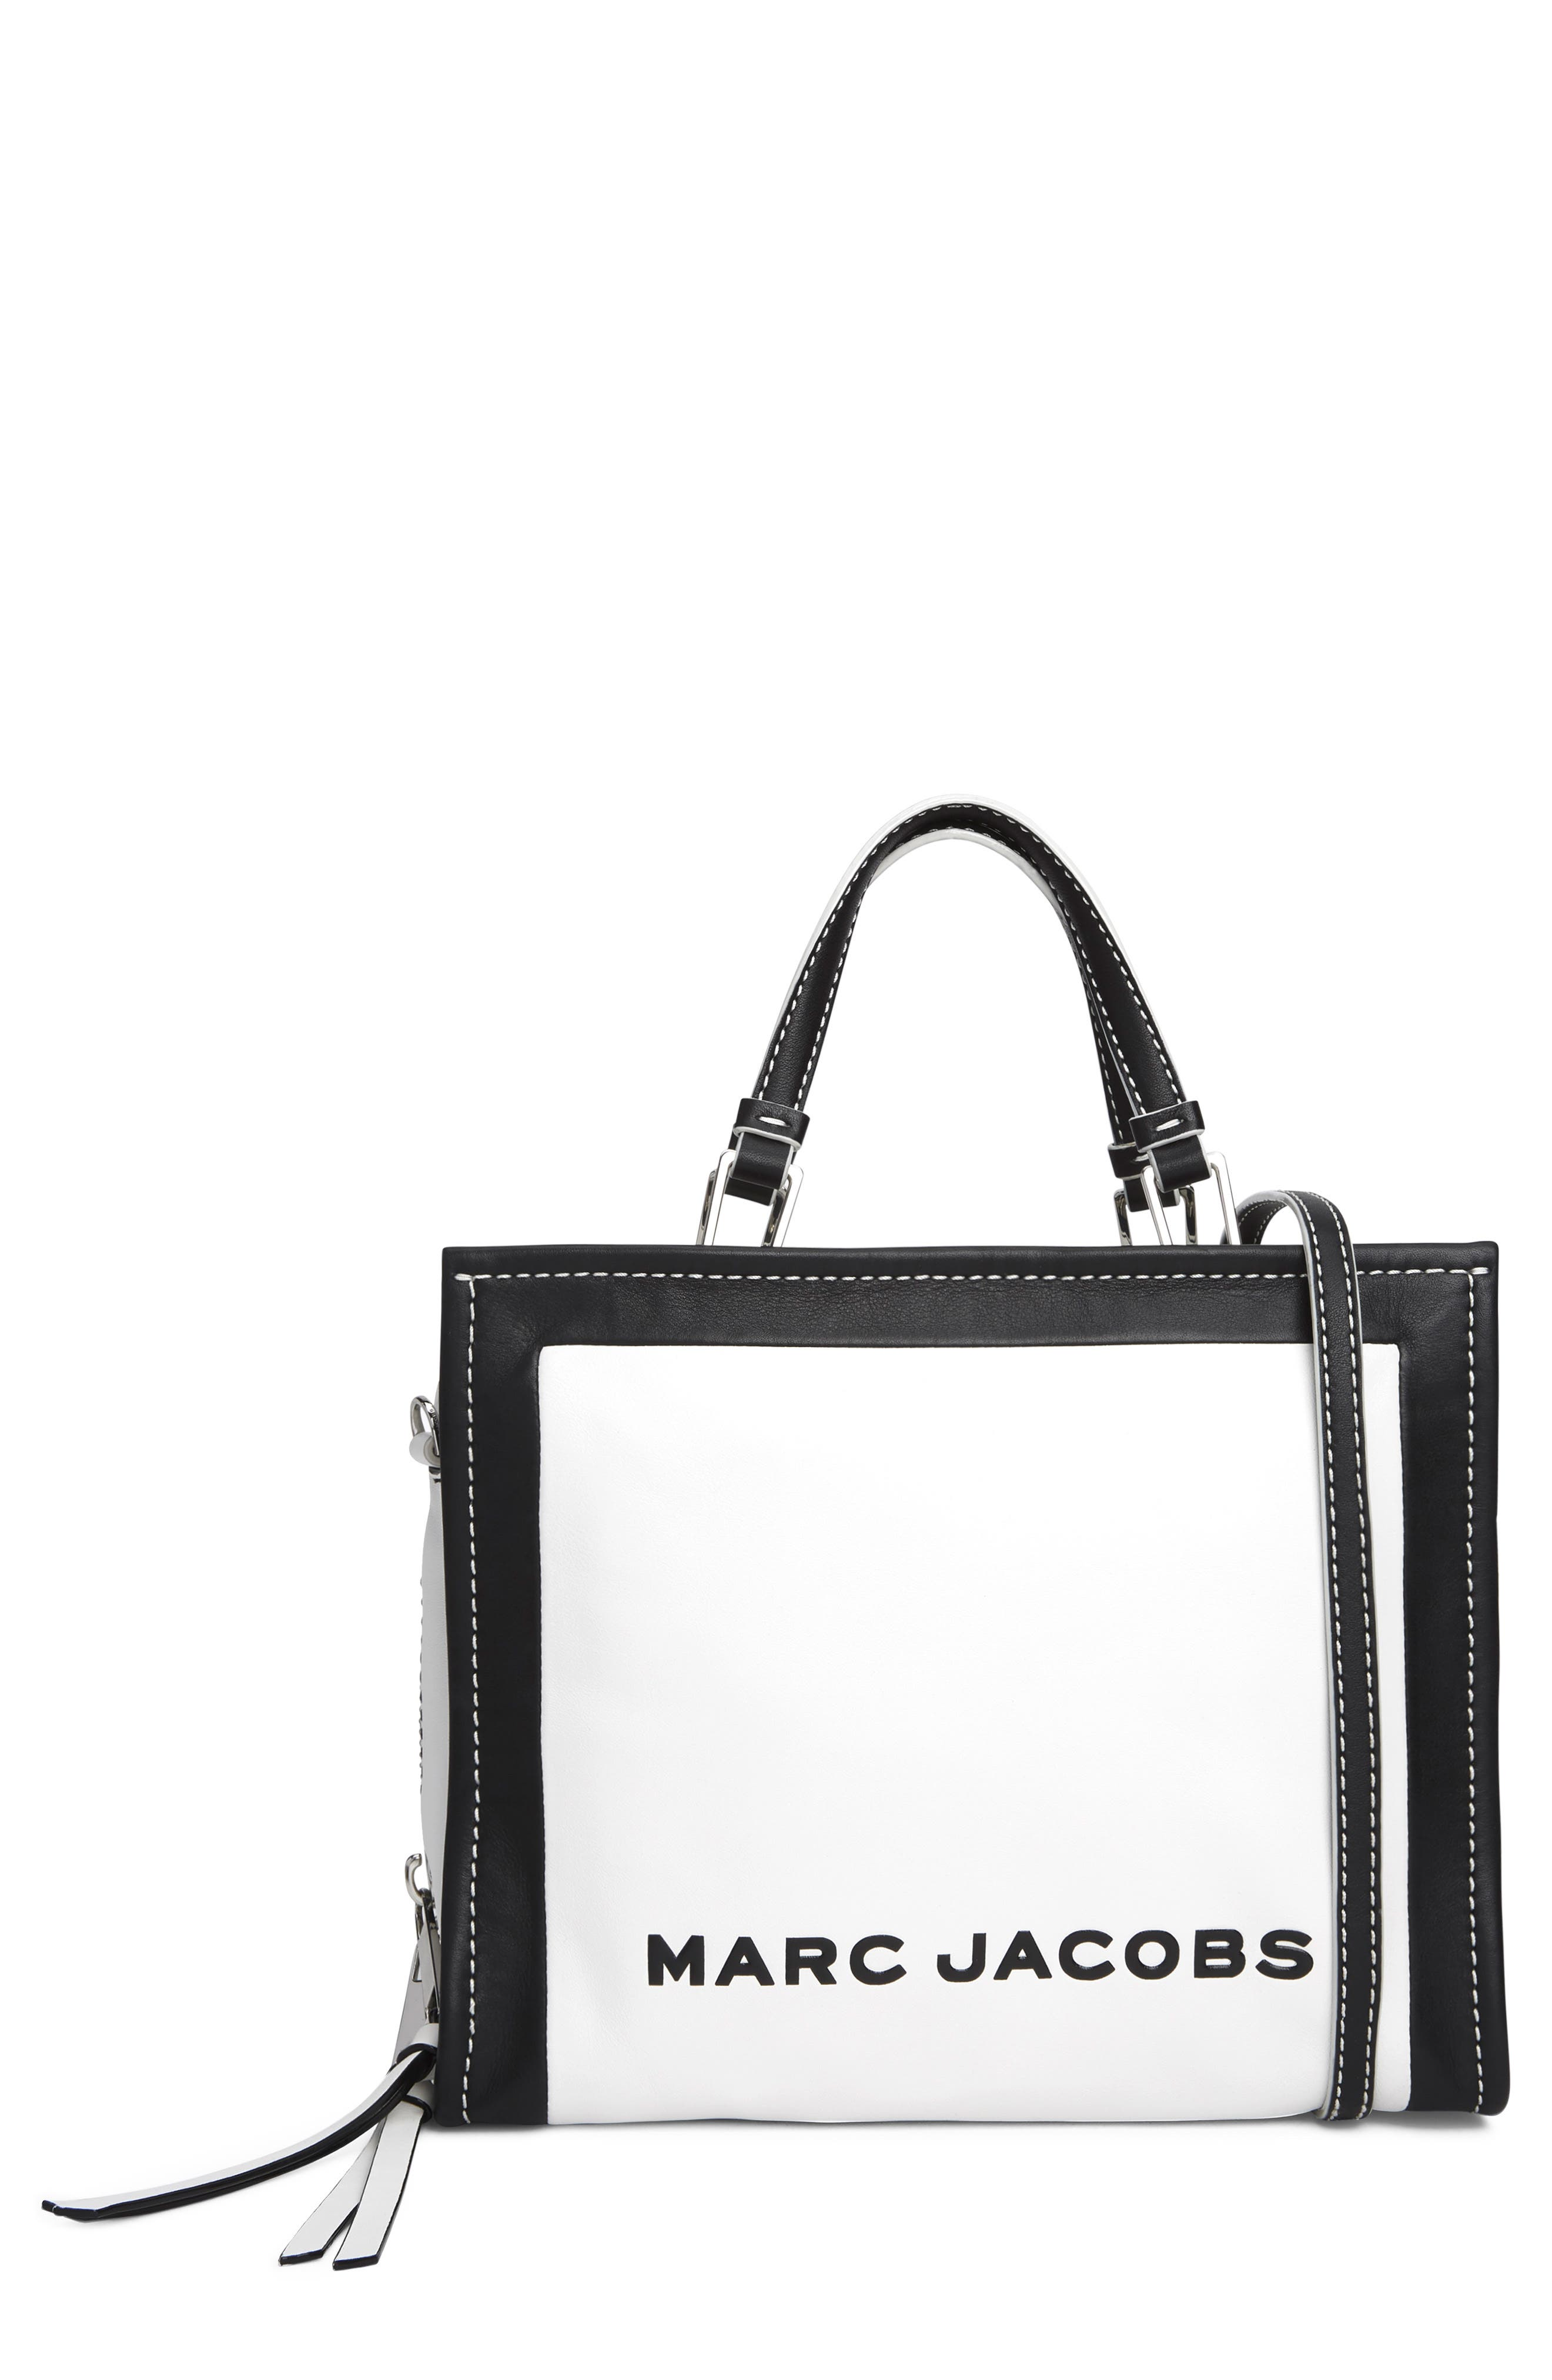 MARC JACOBS The Box 29 Colorblock Leather Satchel, Main, color, COTTON MULTI